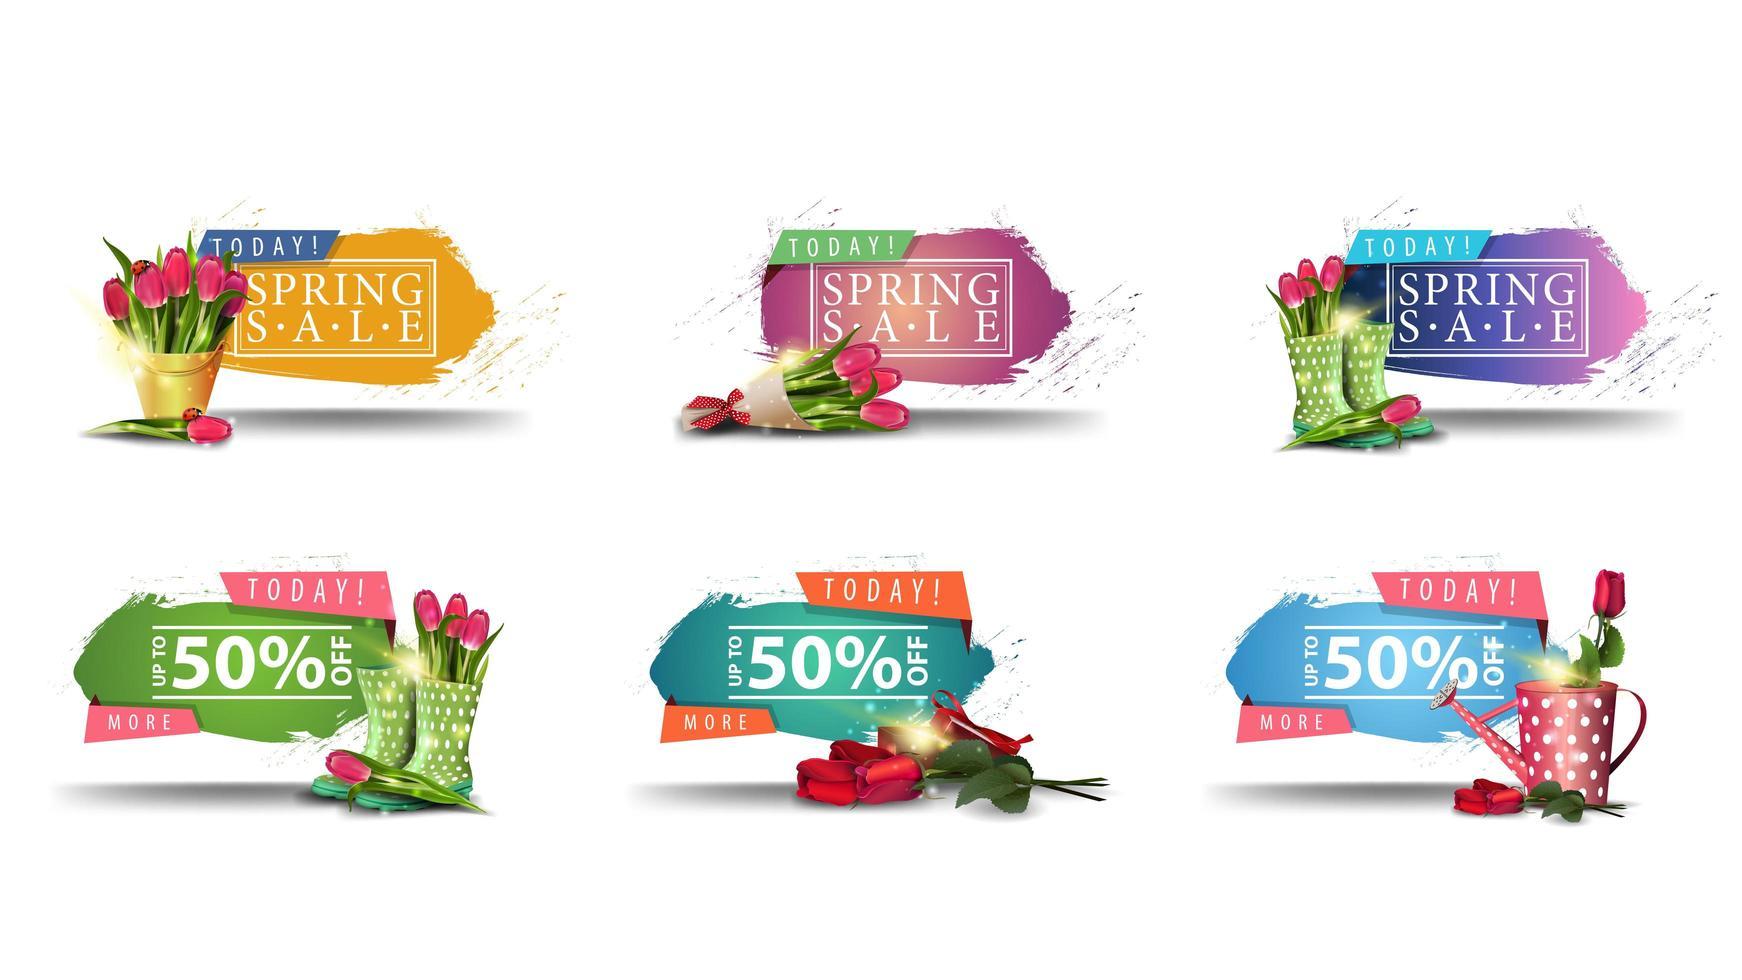 vårförsäljningsbaner med trasiga kanter och blommor vektor